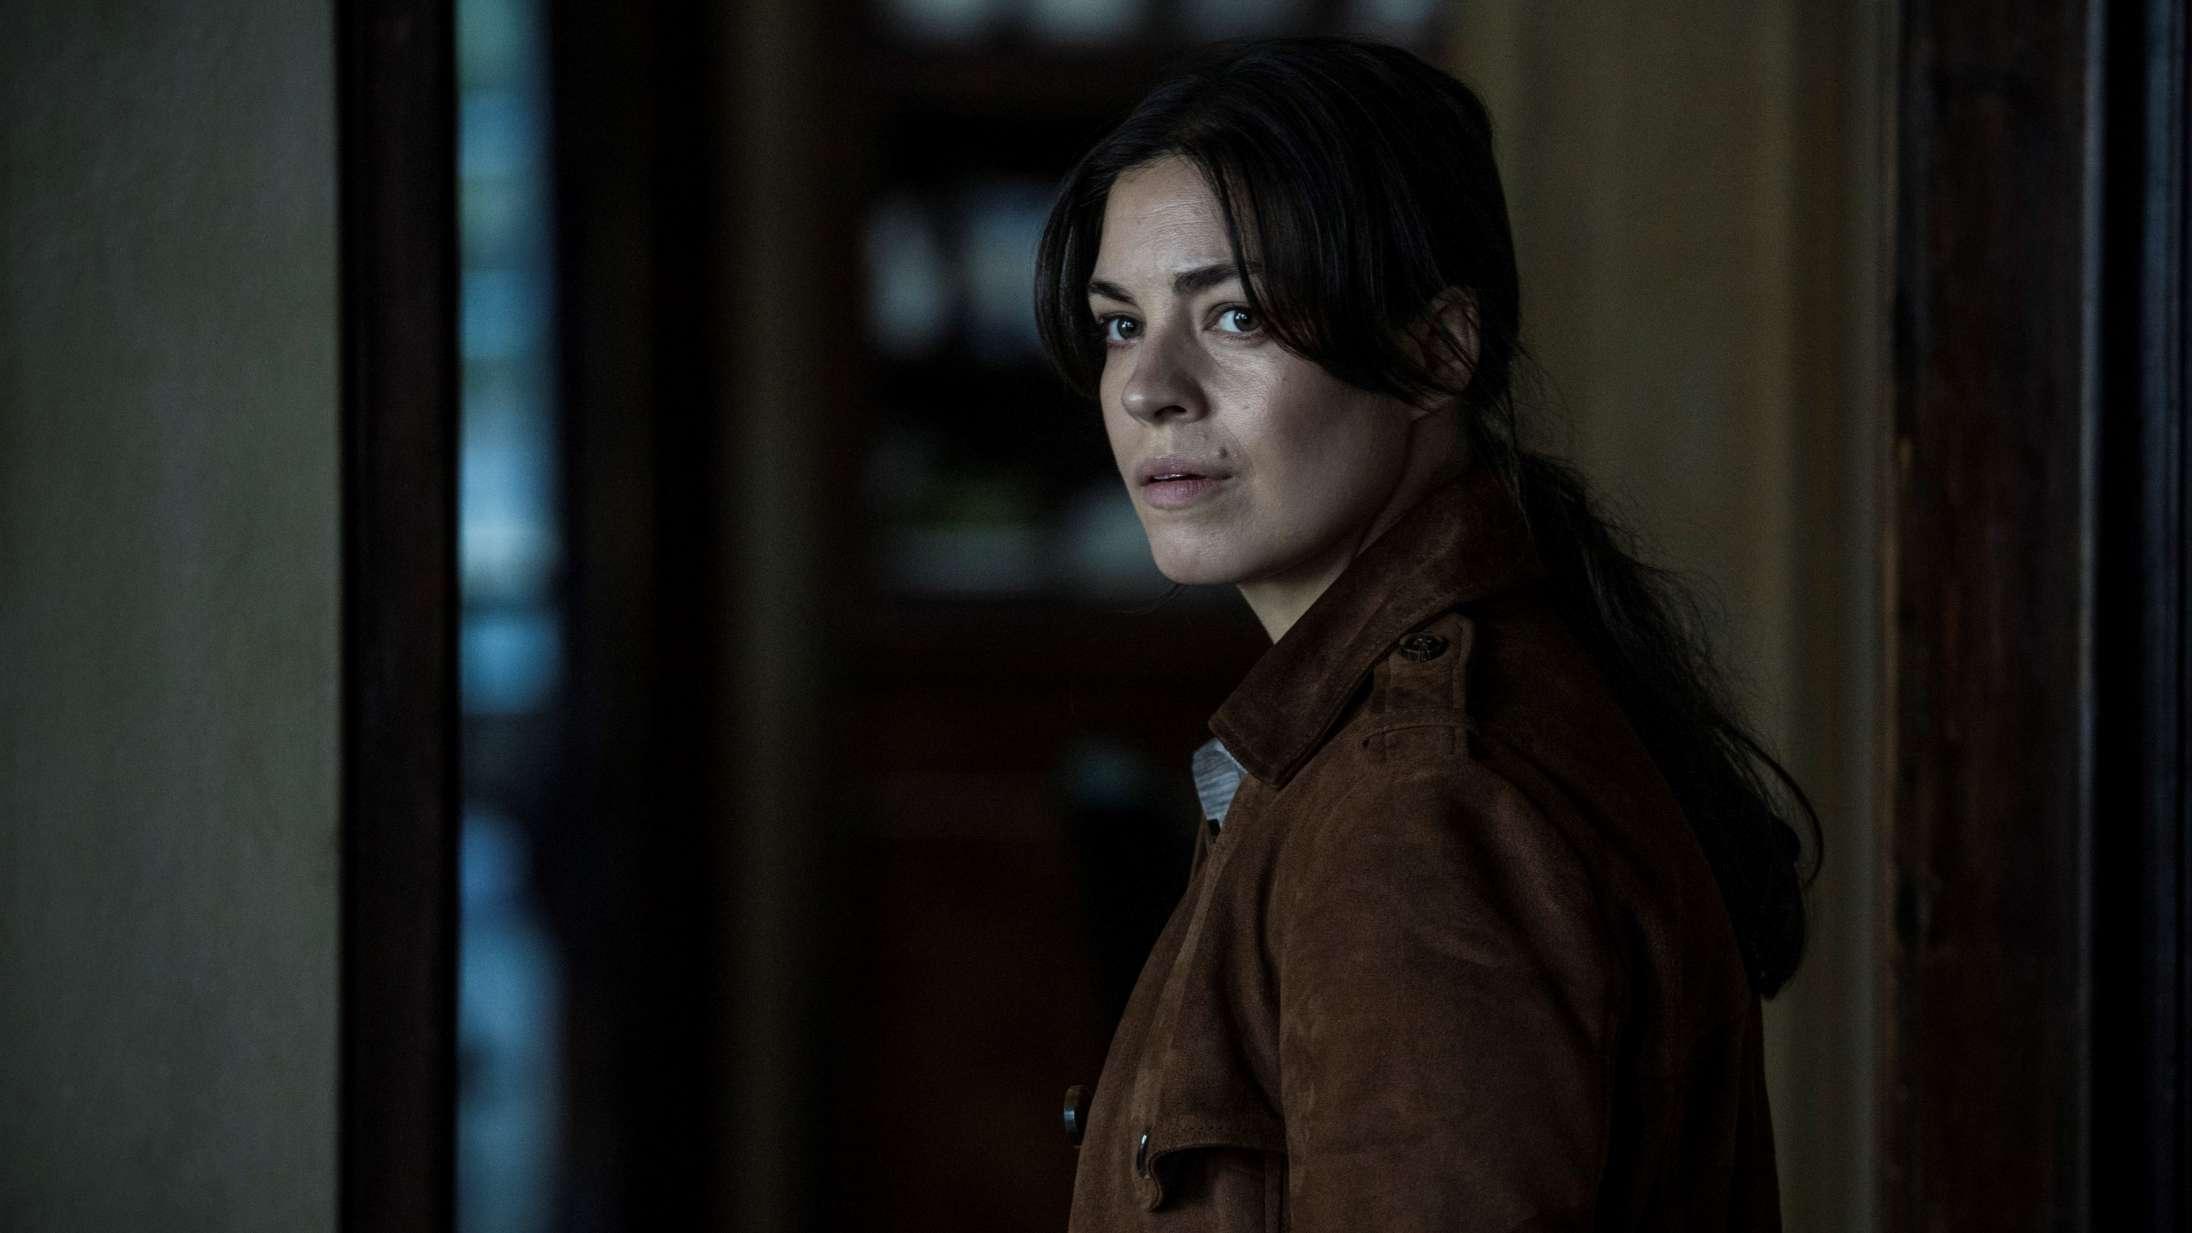 'Den som dræber – fanget af mørket' sæson 2: Dansk krimiserie slår på alle nordic noir-tangenterne